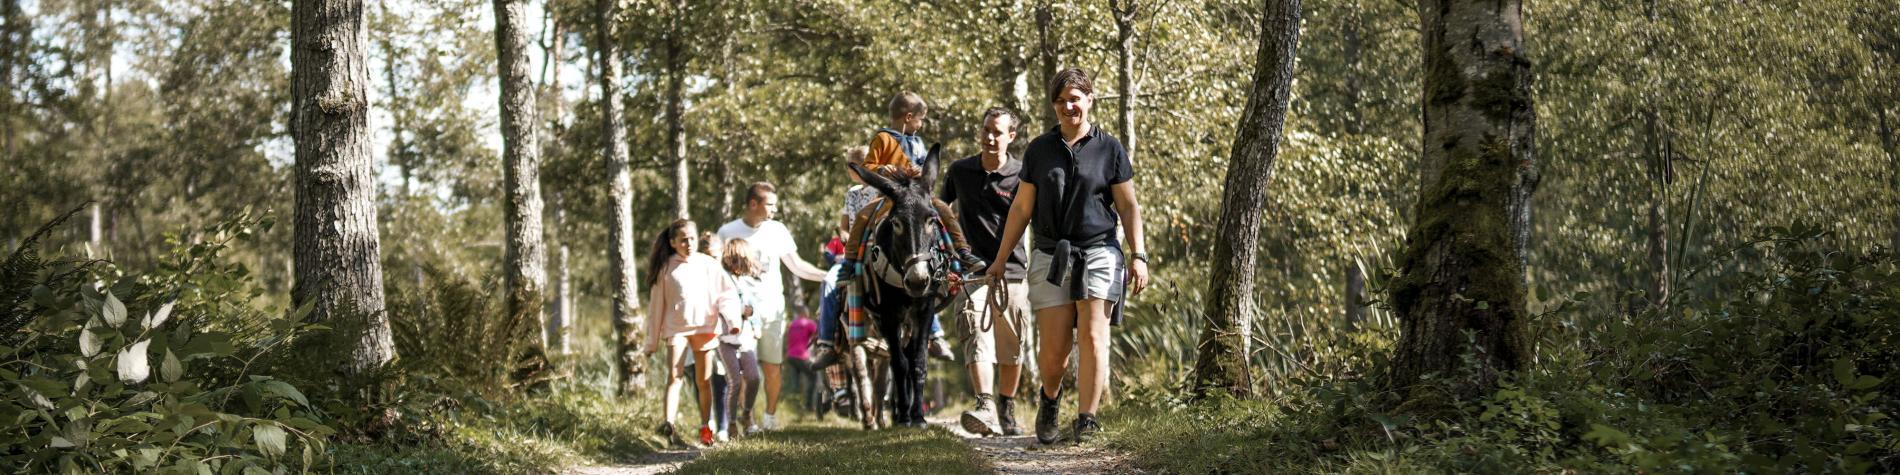 Balade à dos d'âne dans les bois